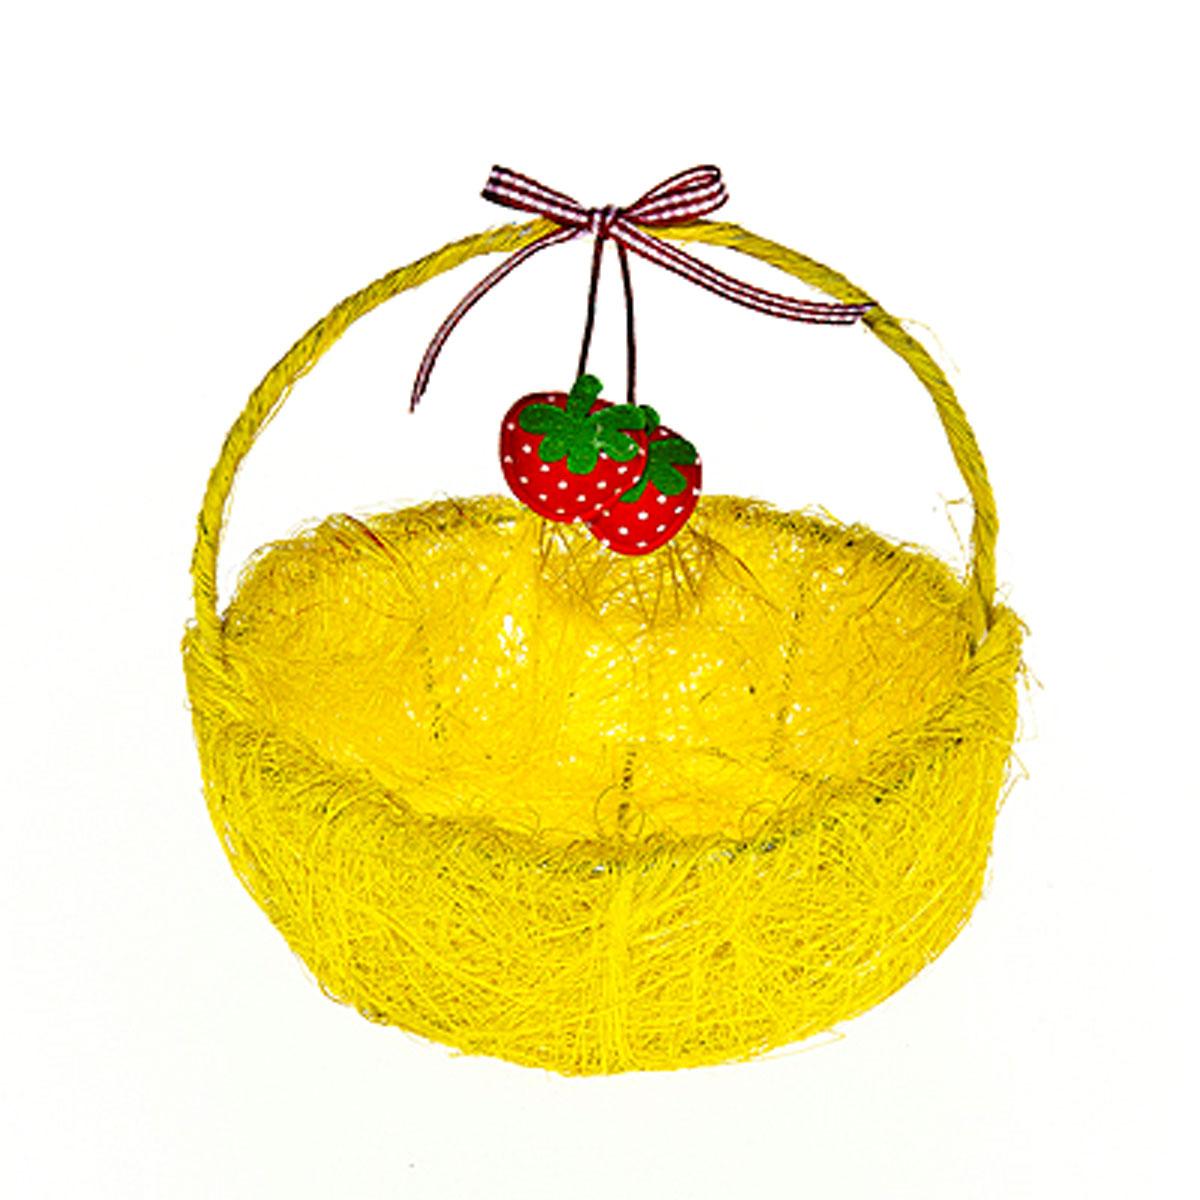 Корзина декоративная Home Queen Ягоды, цвет: желтый, 14 см х 13 см х 5 см64328_6Декоративная корзина Home Queen Ягоды предназначена для хранения различных мелочей и аксессуаров. Изделие имеет металлический каркас, обтянутый нитями из полиэстера. Корзина оснащена удобной ручкой и декорирована подвесным украшением в виде текстильных ягод с бантиком. Такая корзина станет оригинальным и необычным подарком или украшением интерьера. Размер корзины: 14 см х 13 см х 5 см. Диаметр дна: 10 см. Высота ручки: 10 см.